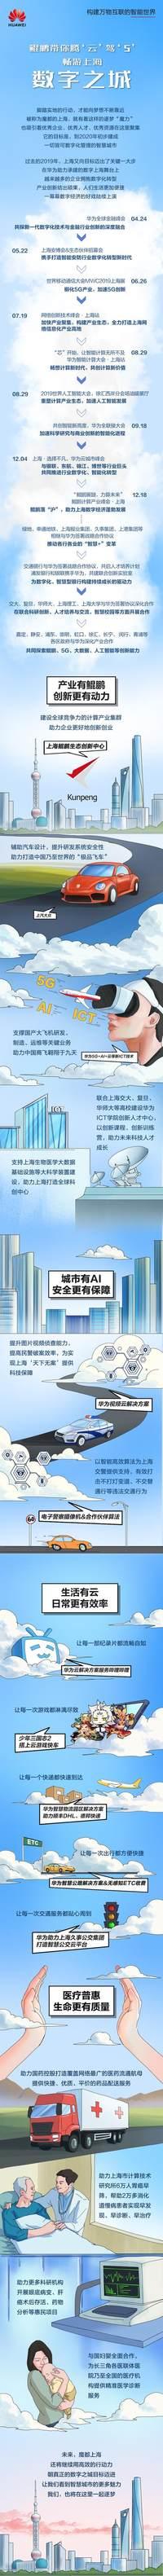 数字之城 鲲鹏带你腾' 云 '驾' 5 '畅游上海